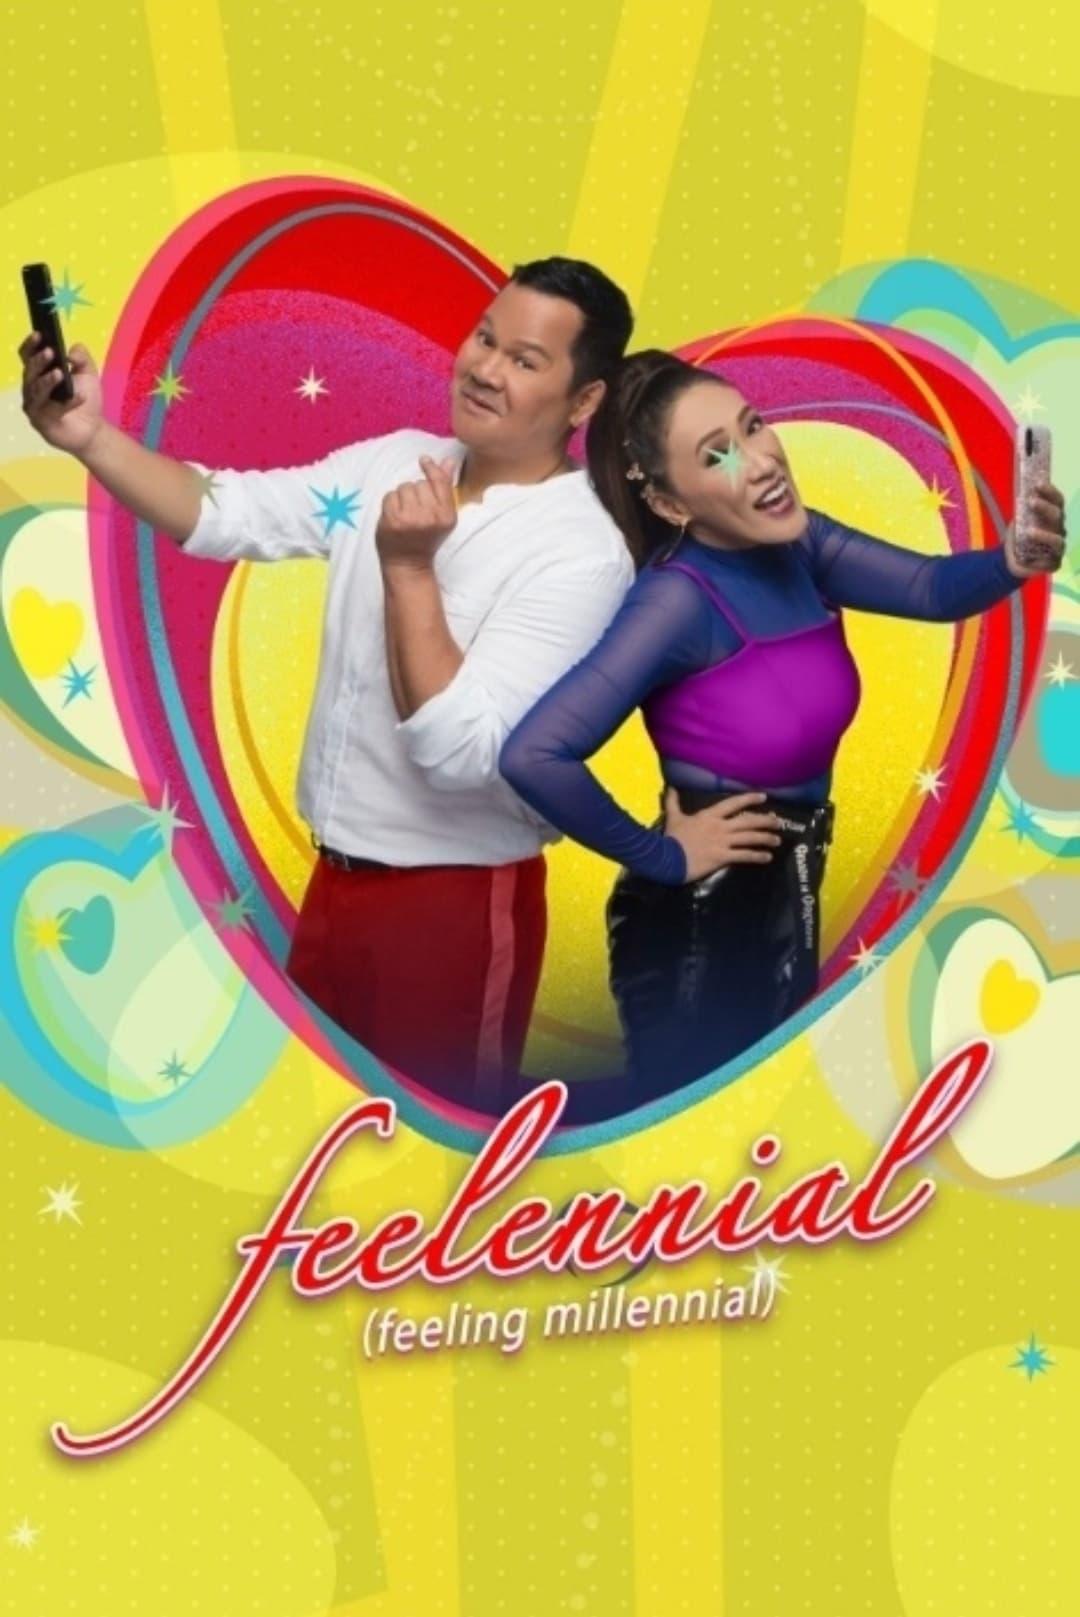 Feelennial: Feeling Millennial